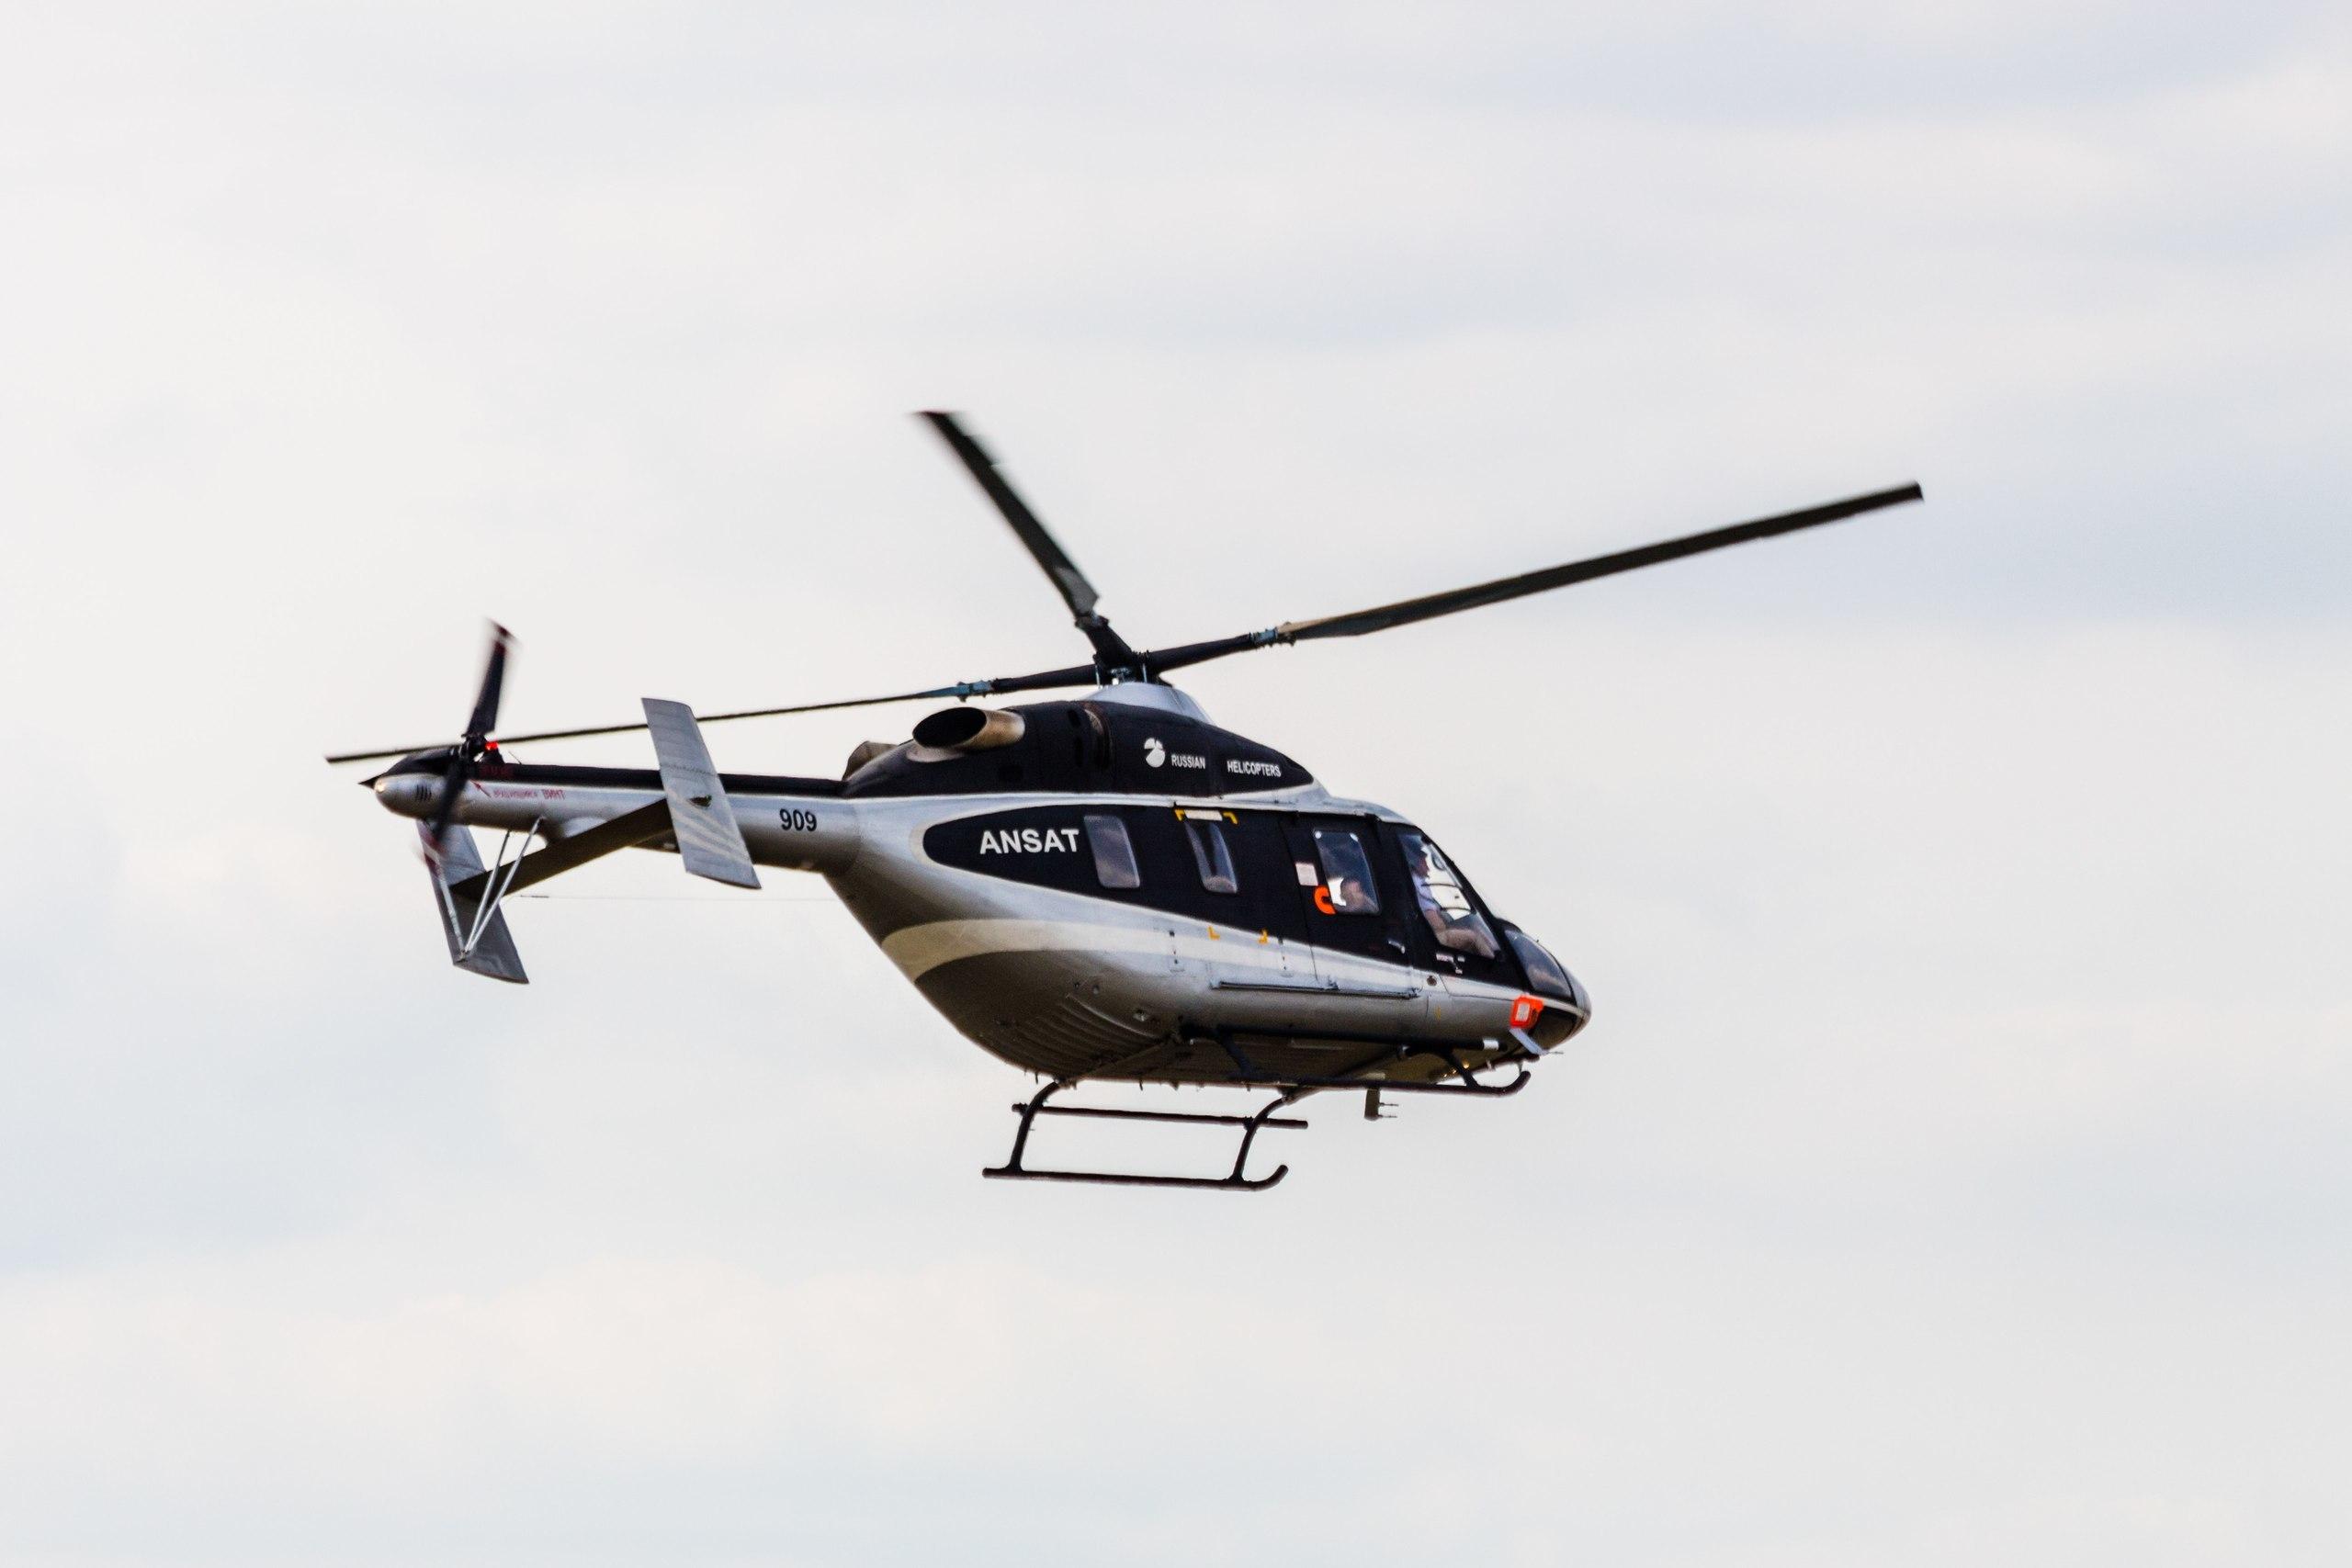 58976 Hintergrundbild herunterladen Hubschrauber, Verschiedenes, Sonstige, 2015, Ansat, Maks - Bildschirmschoner und Bilder kostenlos